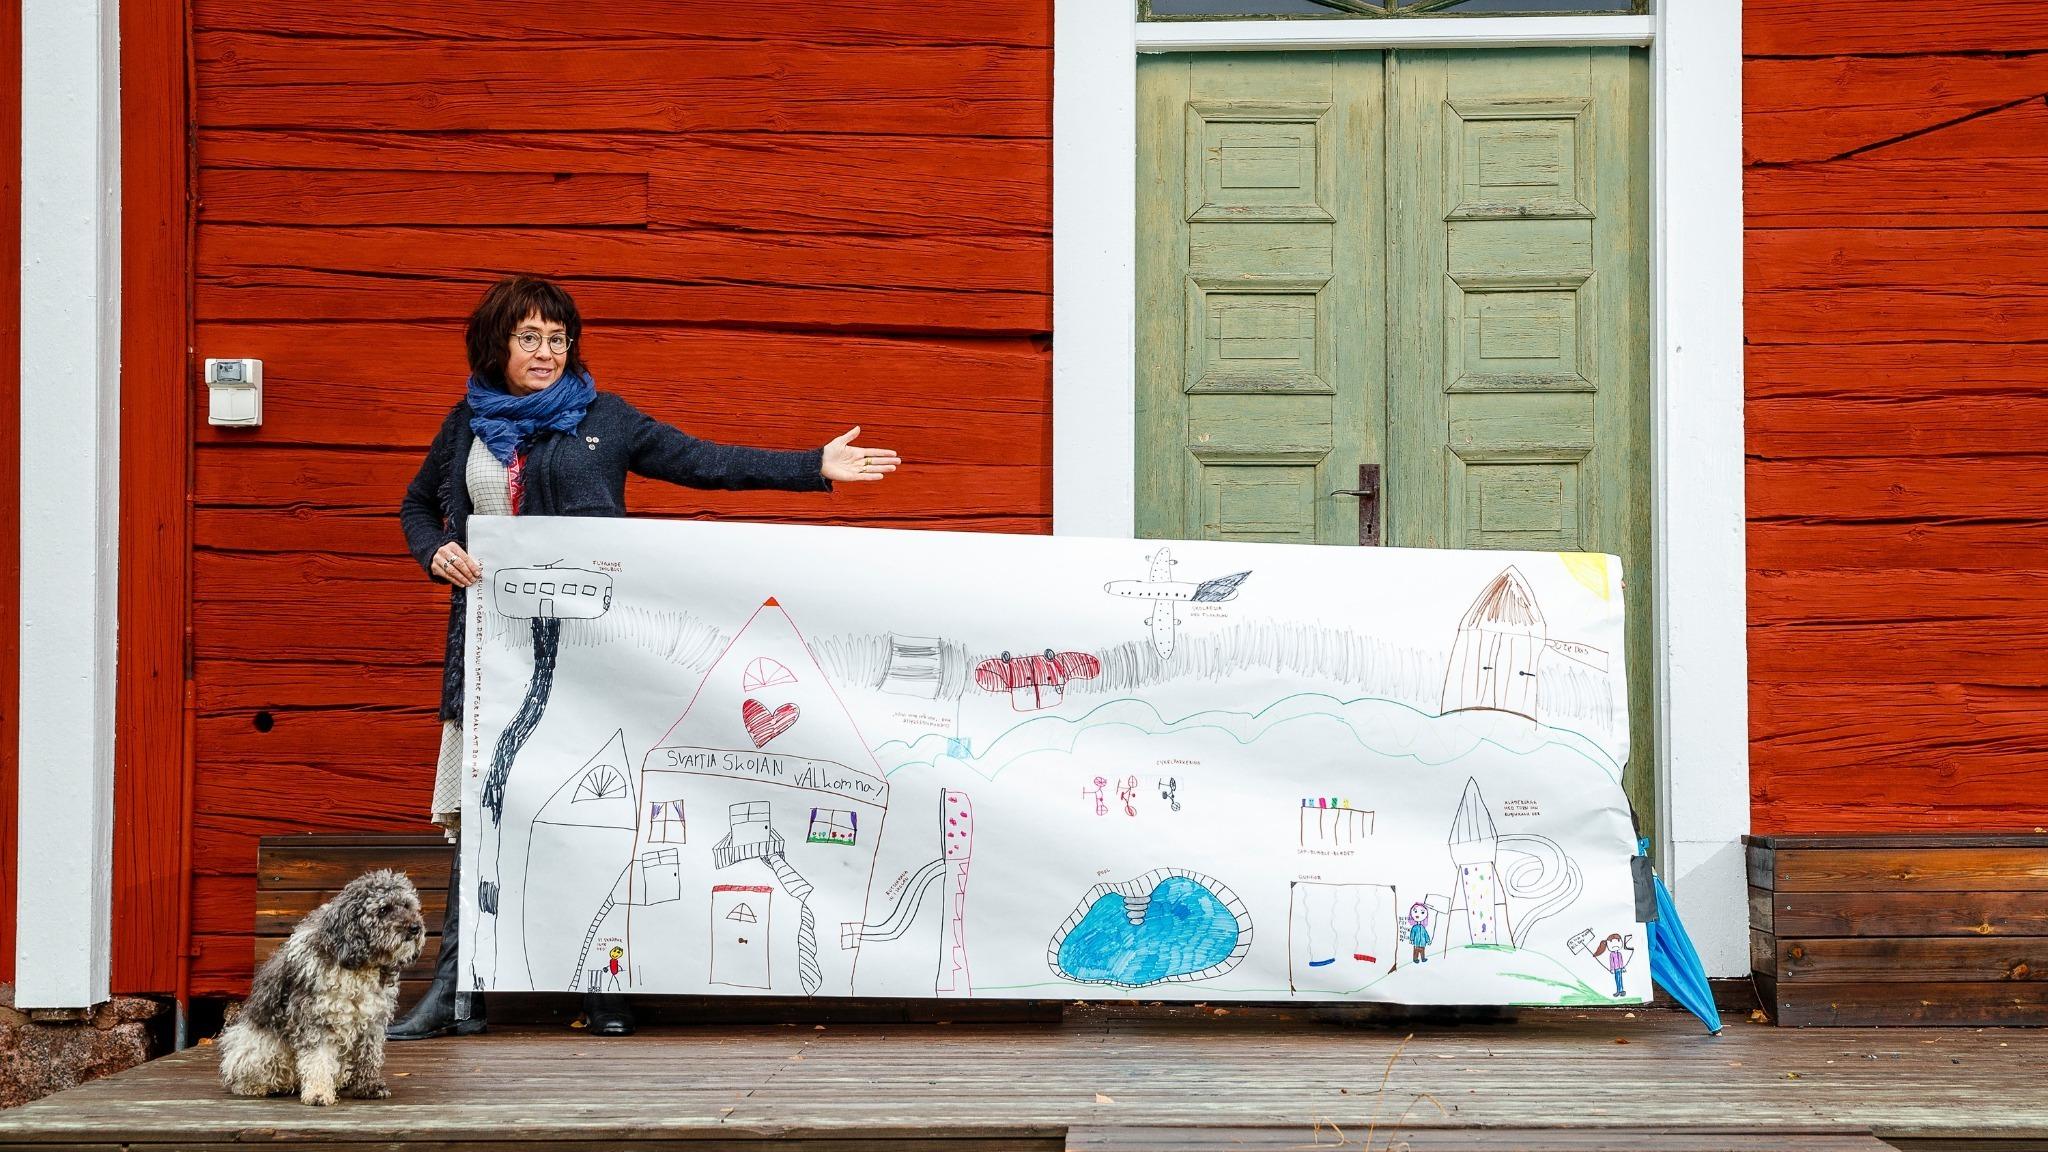 Kvinna står framför rött hus och visar upp en stor barnteckning.